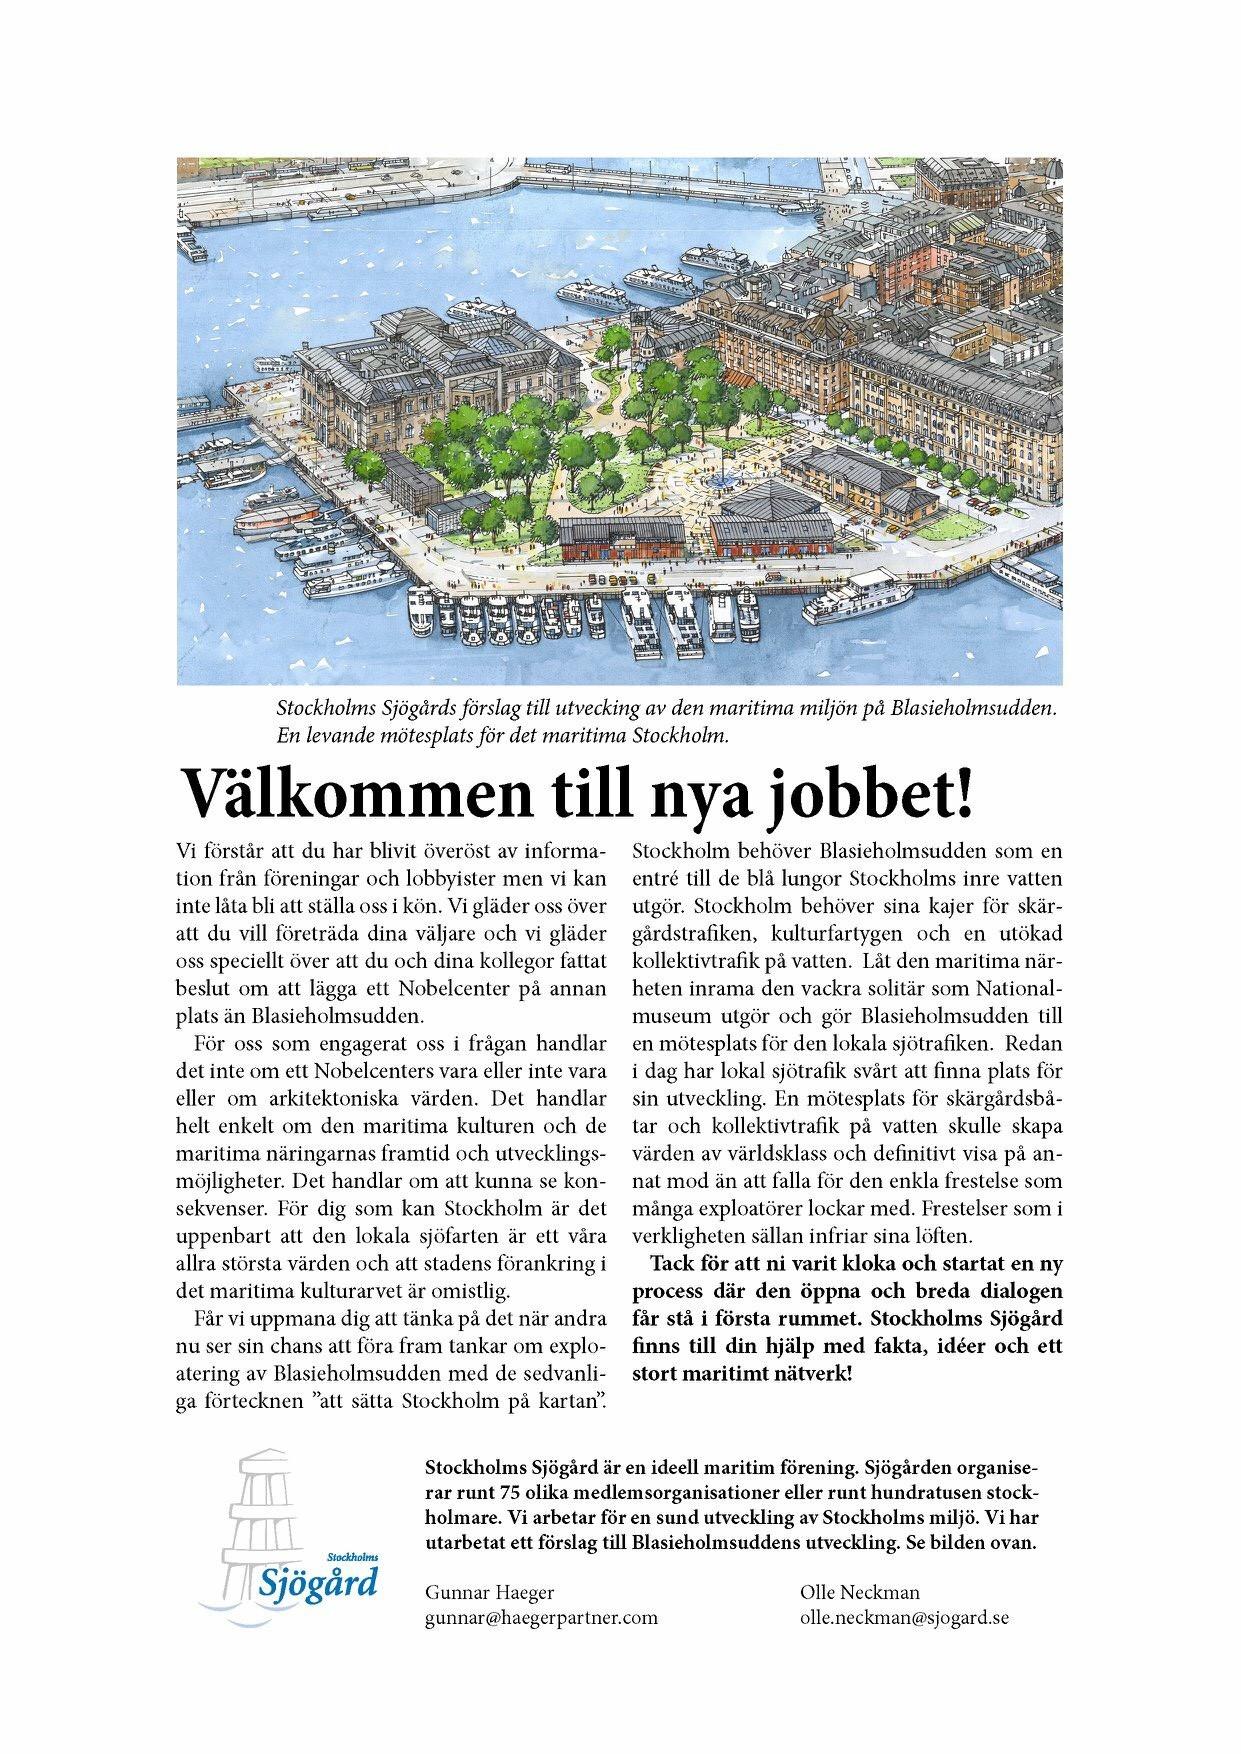 Välkommen till nya jobbet önskar Stockholms sjögård alla de nya borgarråden med en vacker bild av Blasieholmen utan Nobel Center.